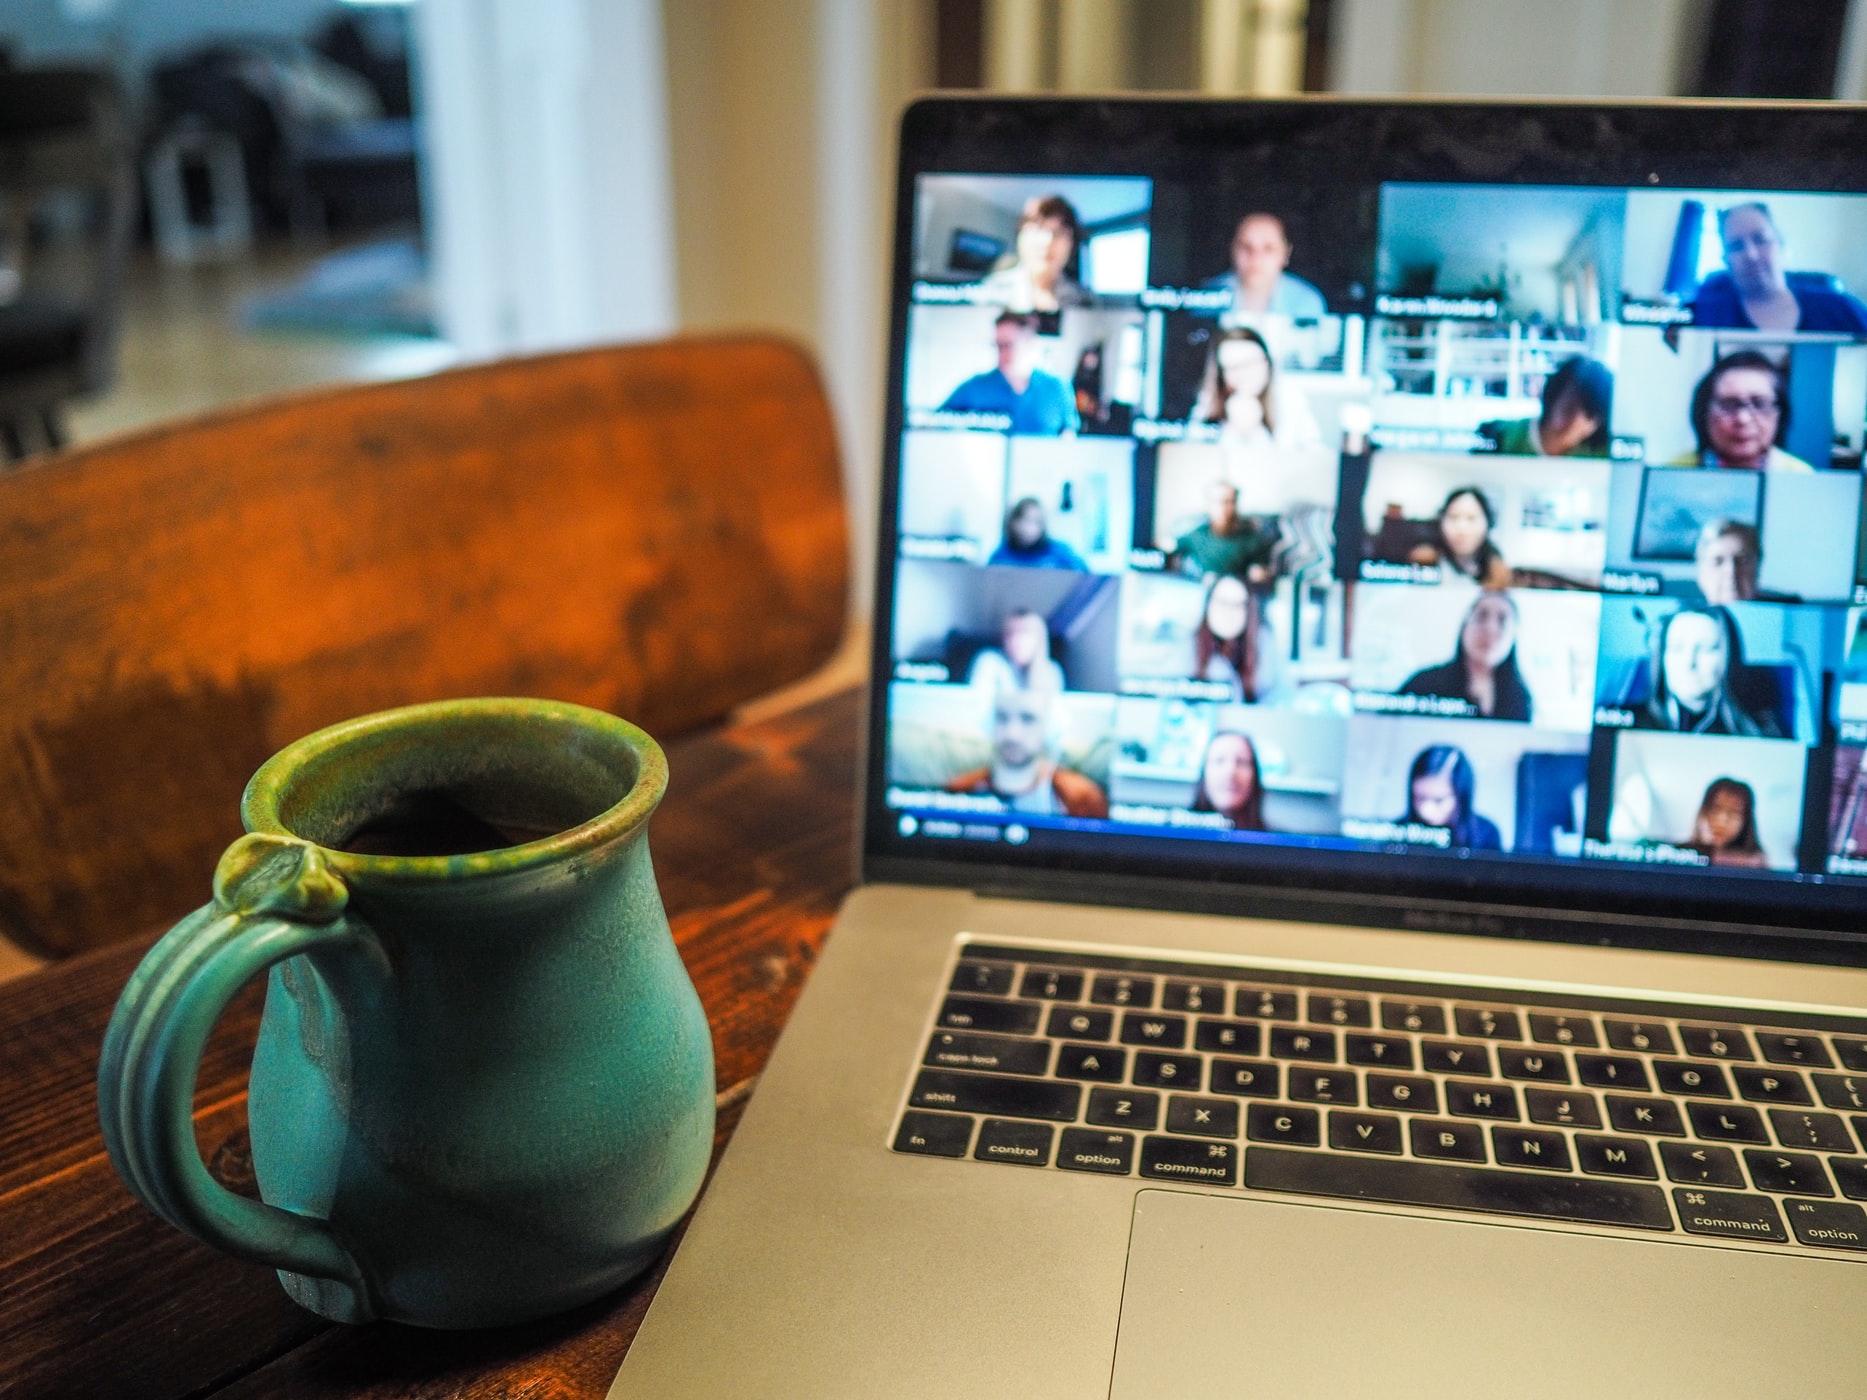 A tecnologia como aliada no combate ao isolamento social